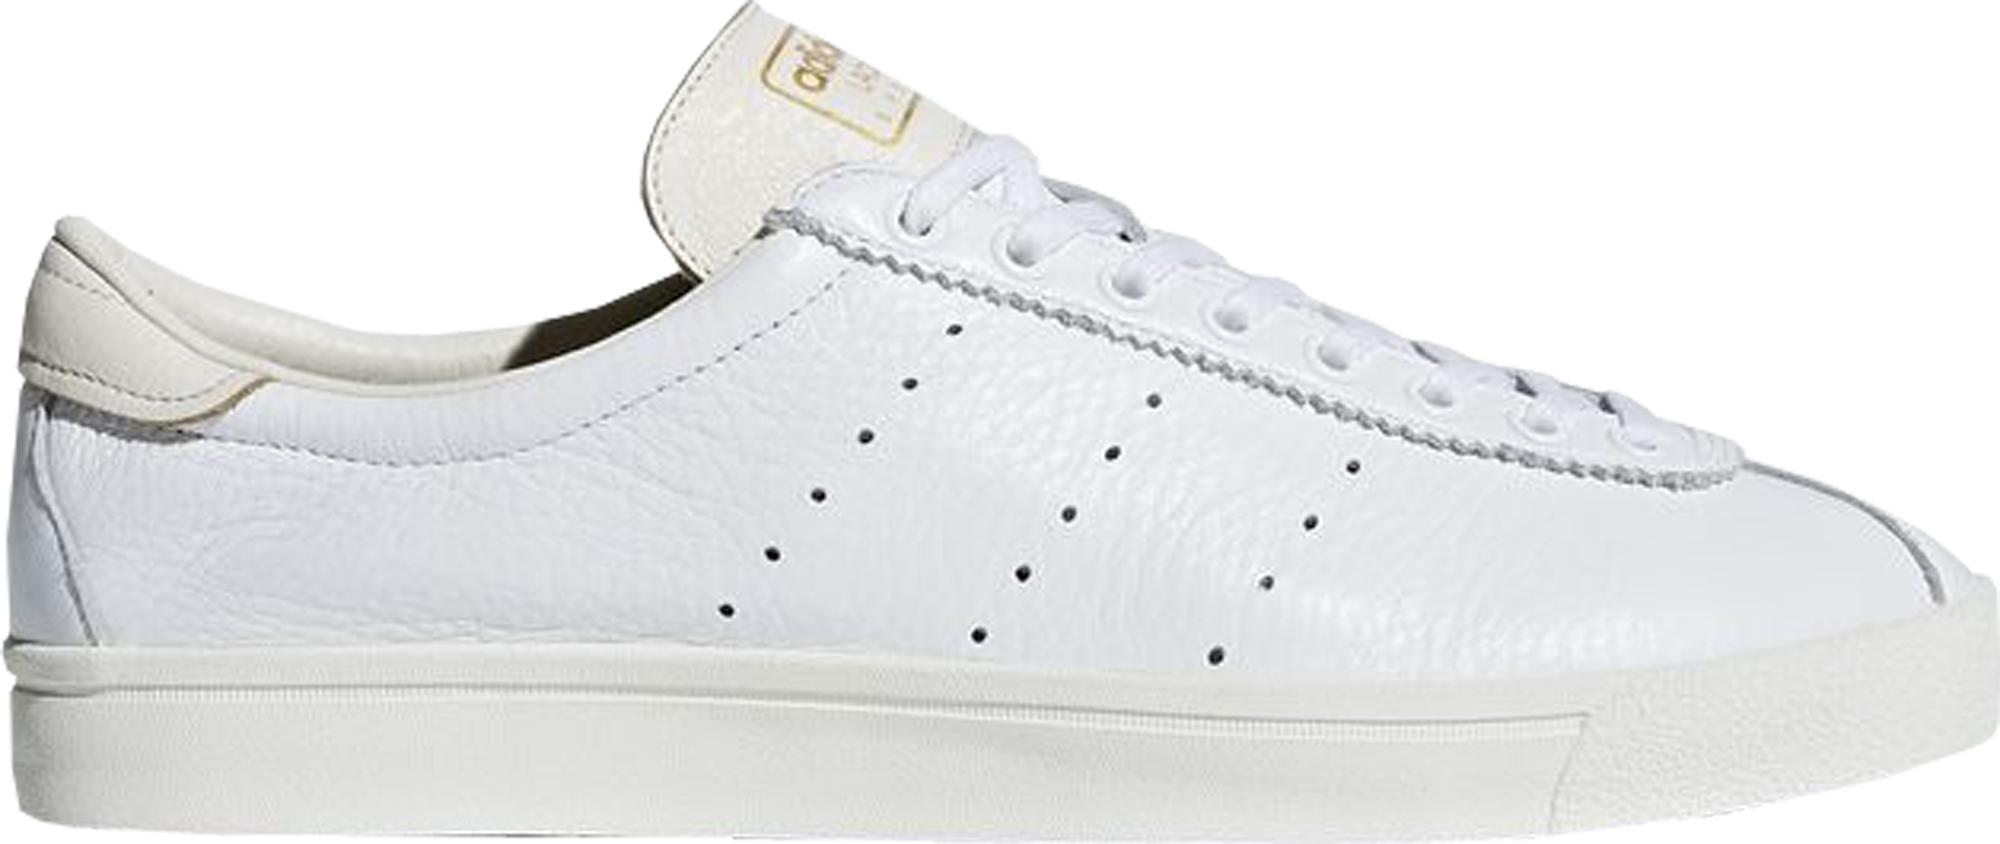 adidas Spezial Lacombe Core White - DA8786